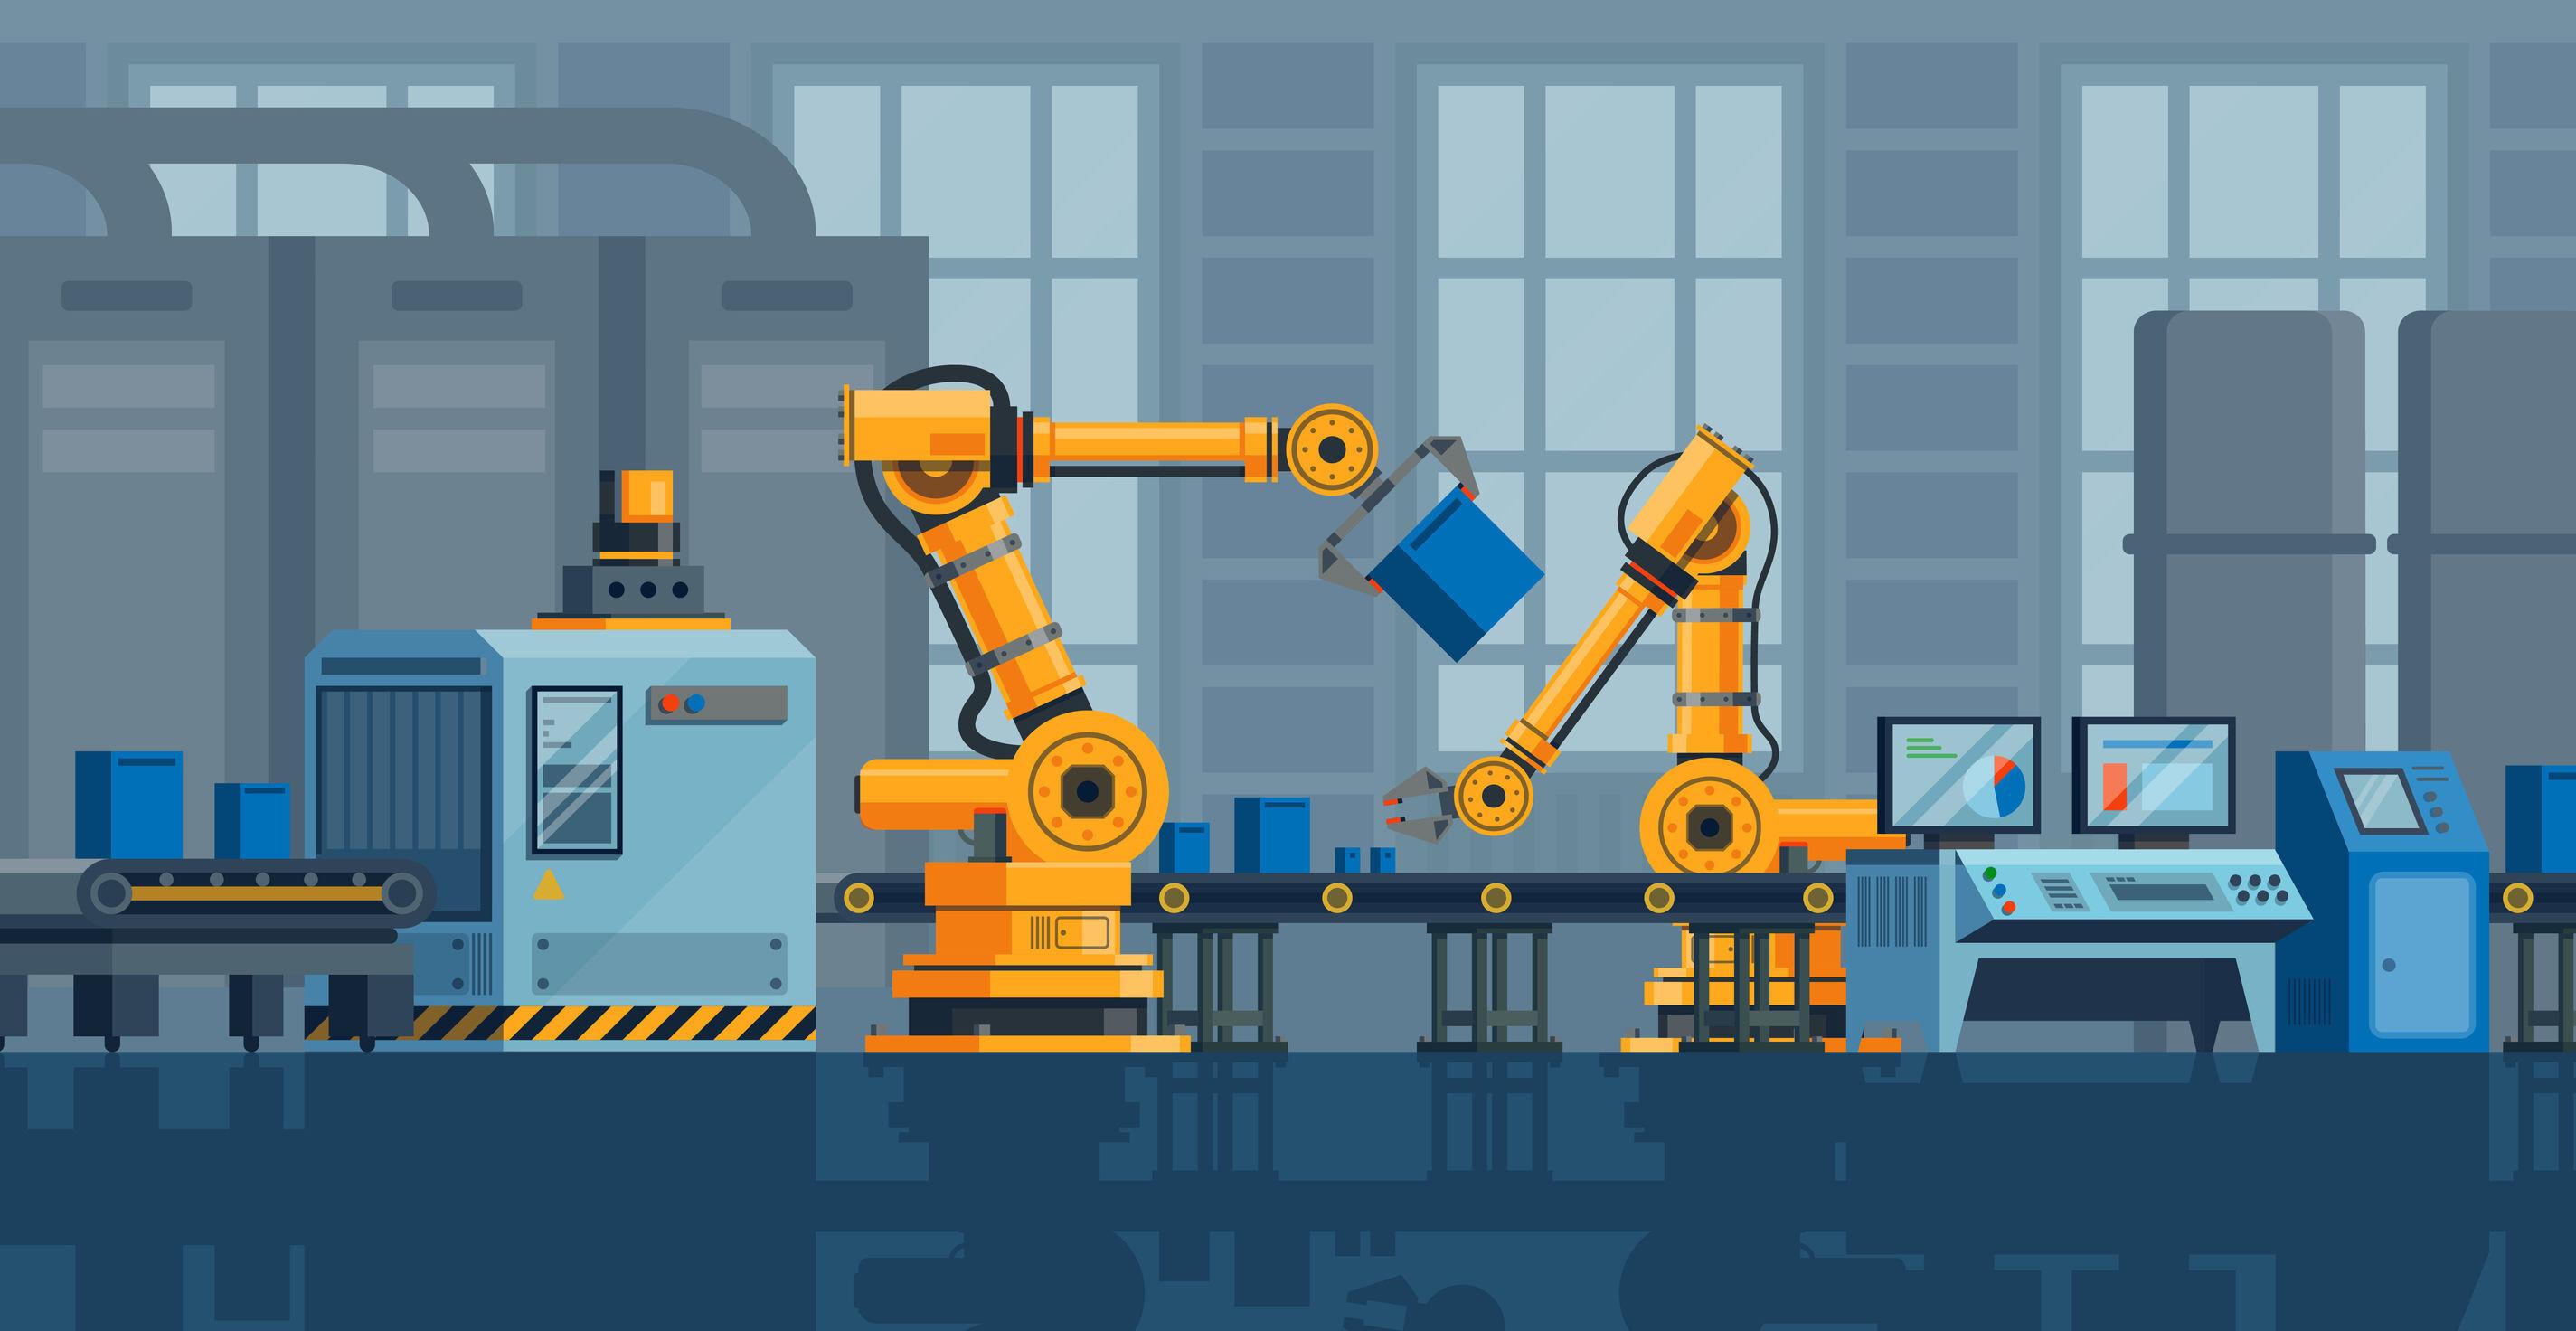 Fließband mit zwei Roboterarmen im Cartoon-Stil